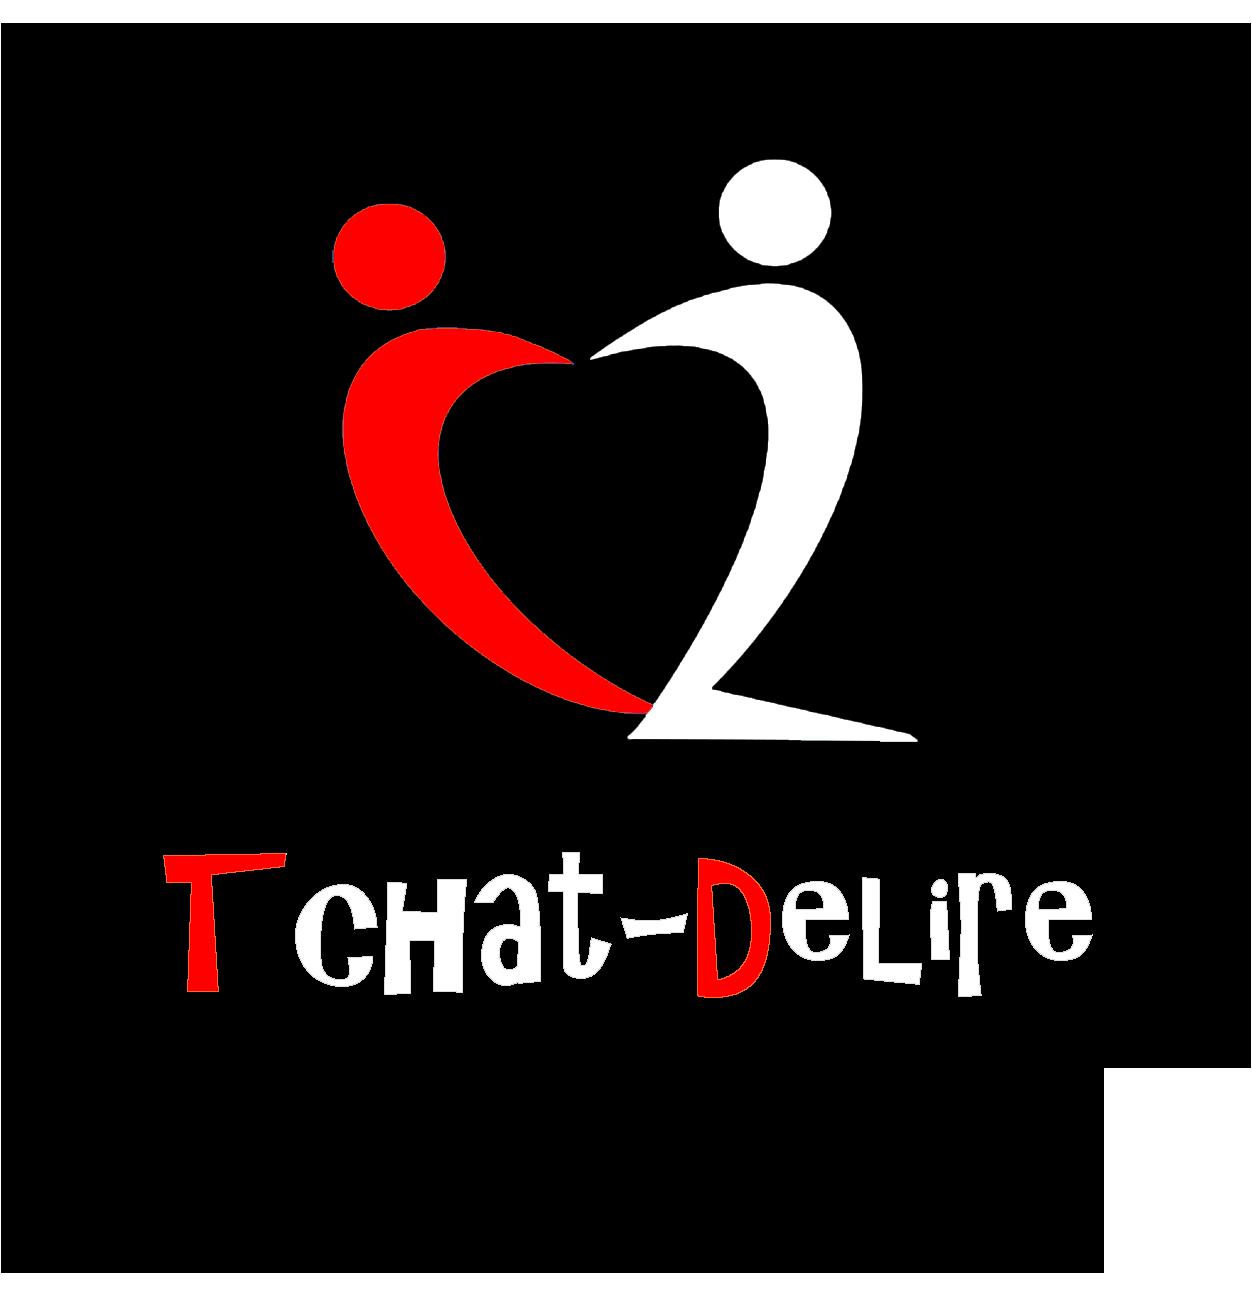 Tchat-Delire